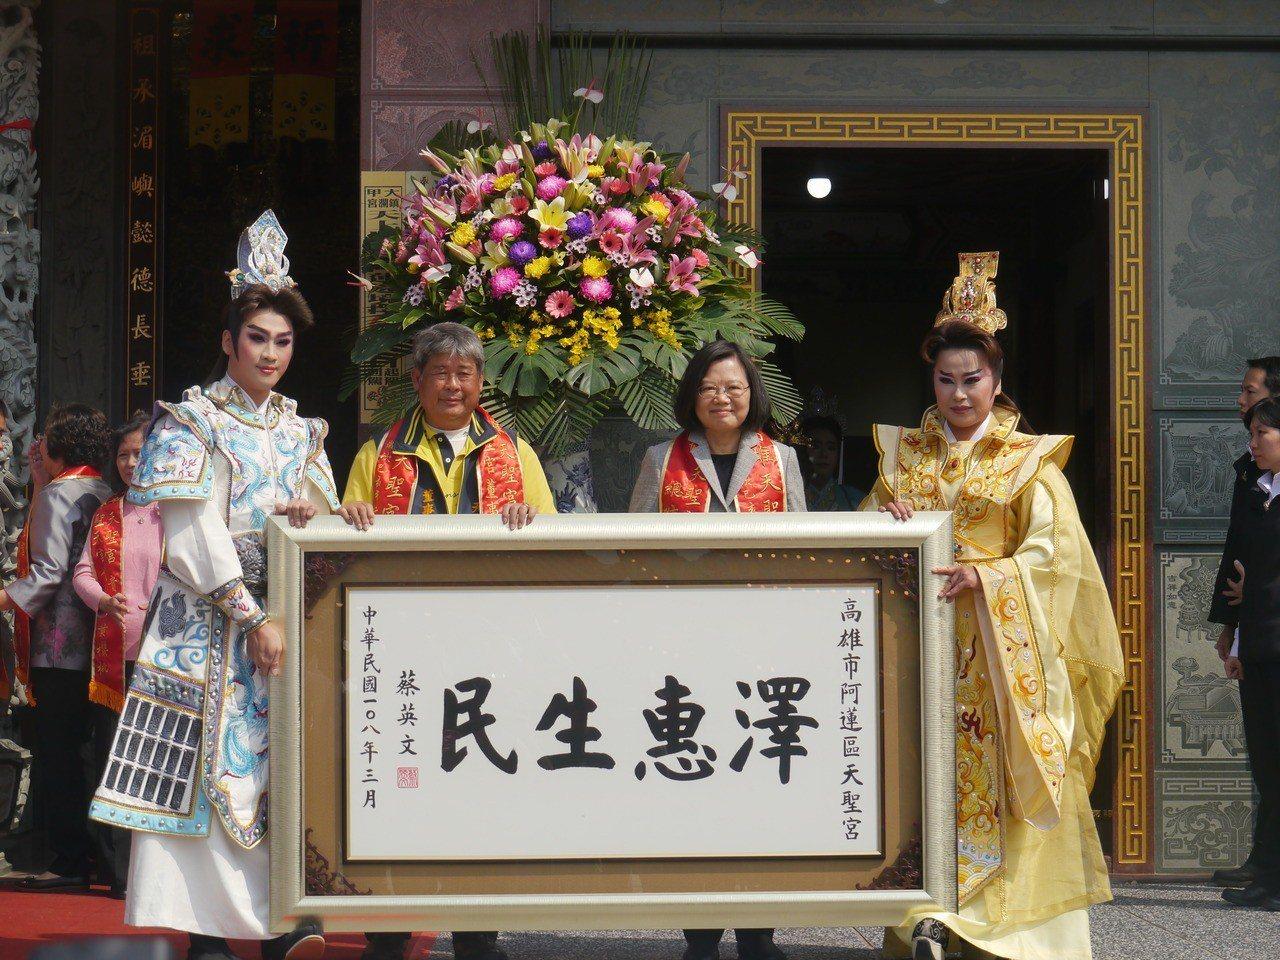 總統蔡英文(右二)贈匾,天聖宮董事長徐清榮(左二)代表接受。 記者徐白櫻/攝影